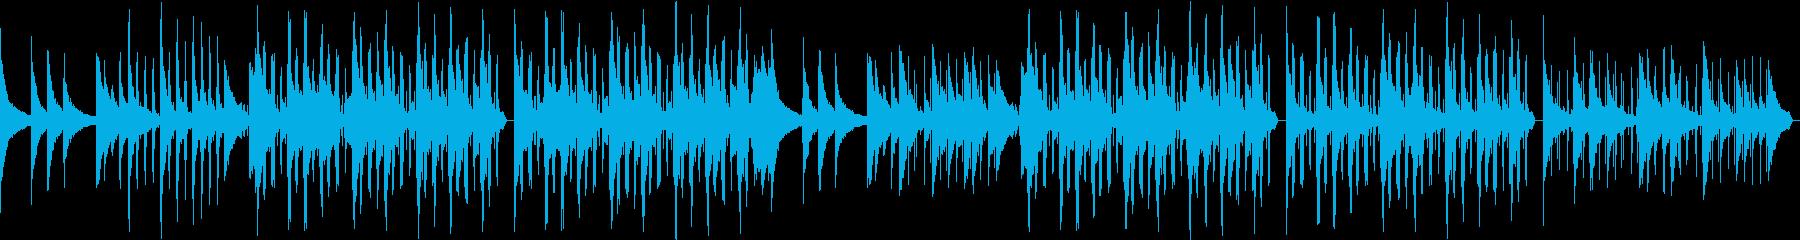 お洒落でどこか寂しさのあるピアノサウンドの再生済みの波形